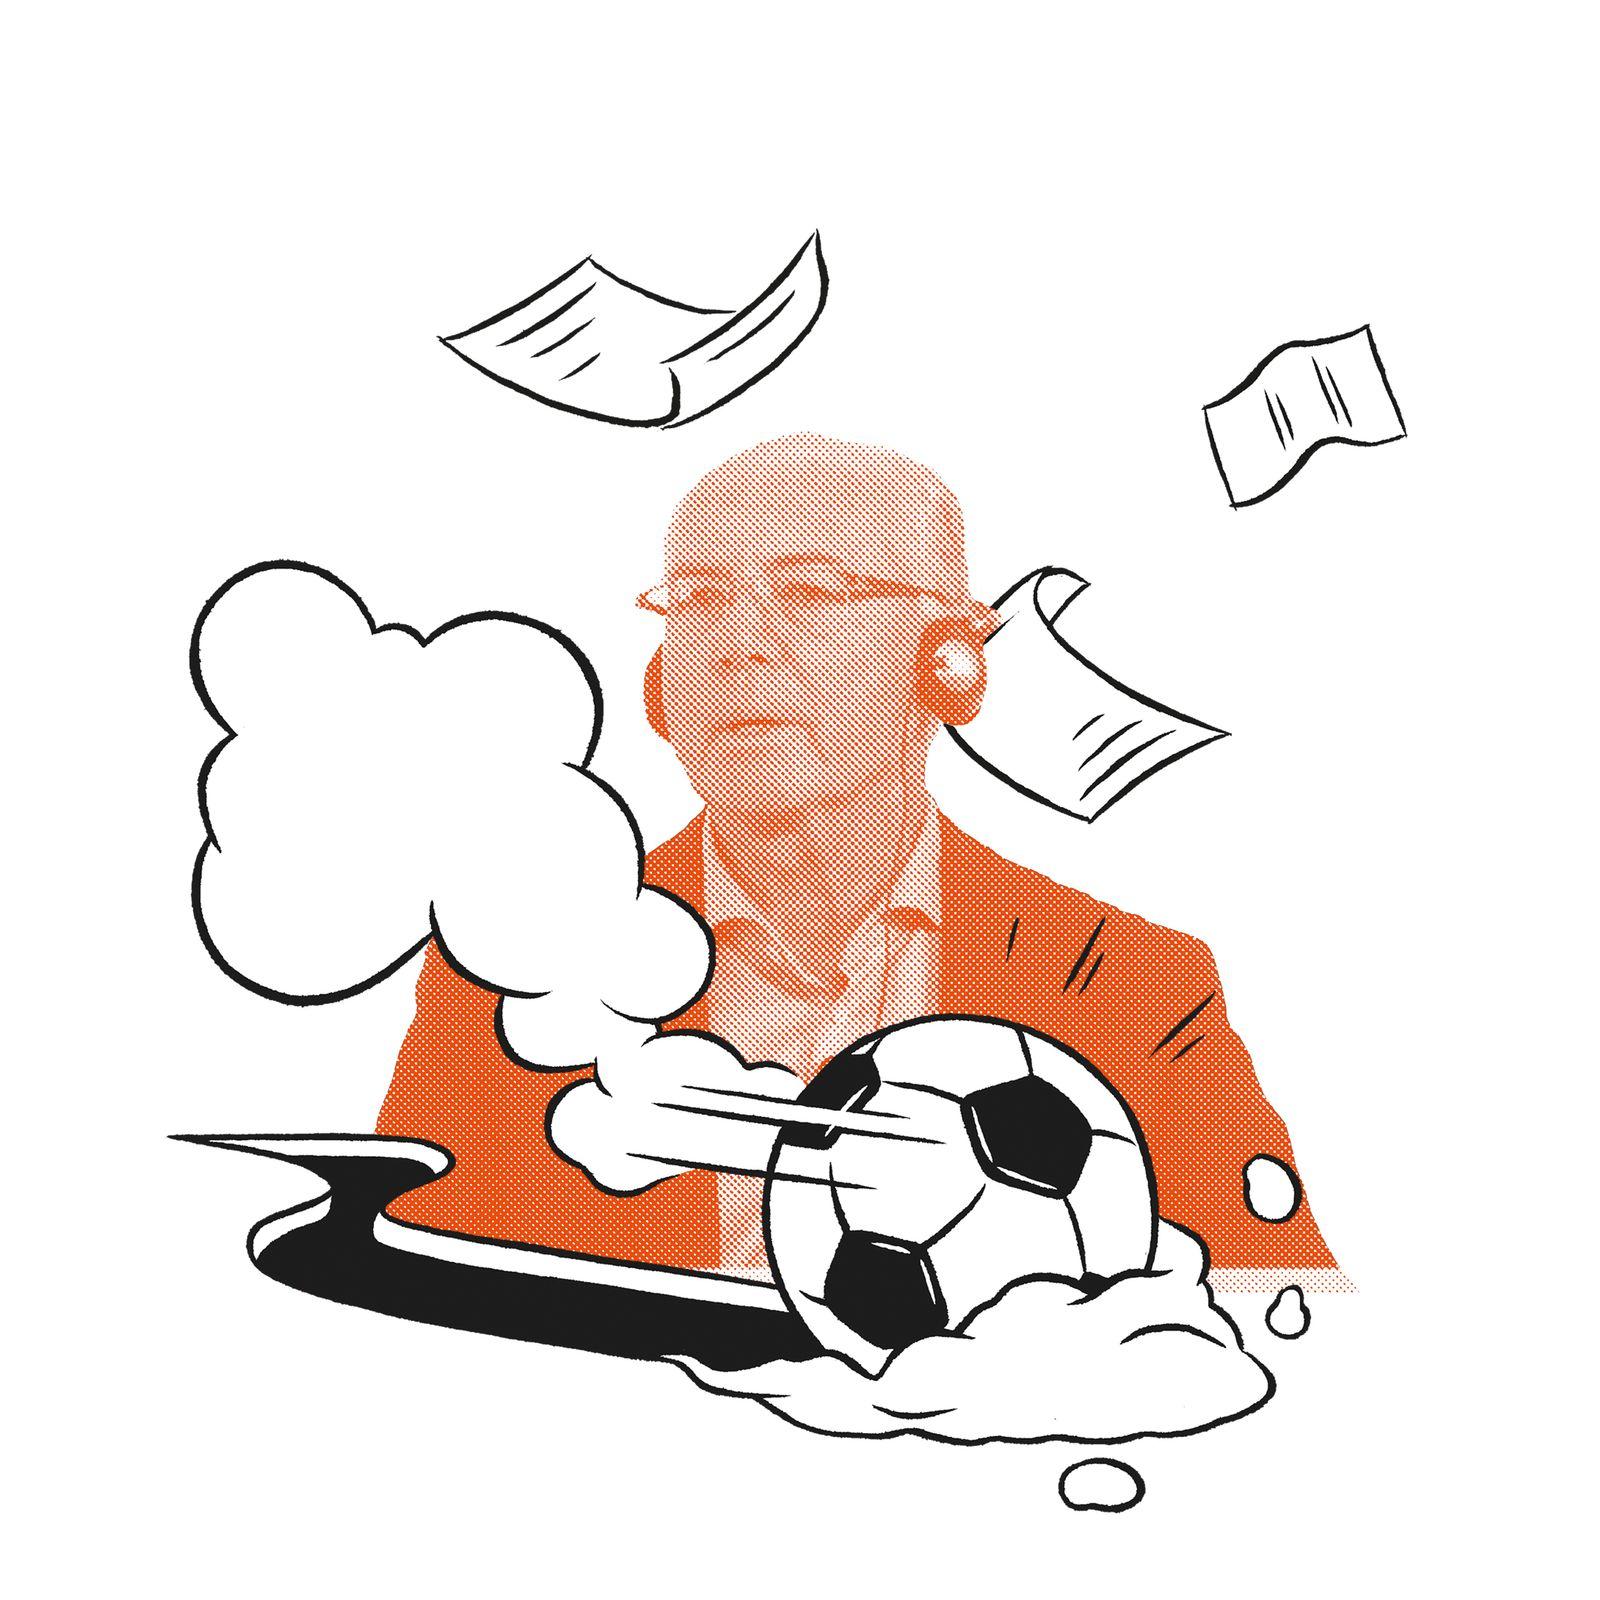 FL-DD-SPON-PLUS-AUFMACHER-Katar-Icss-Beckenbauer